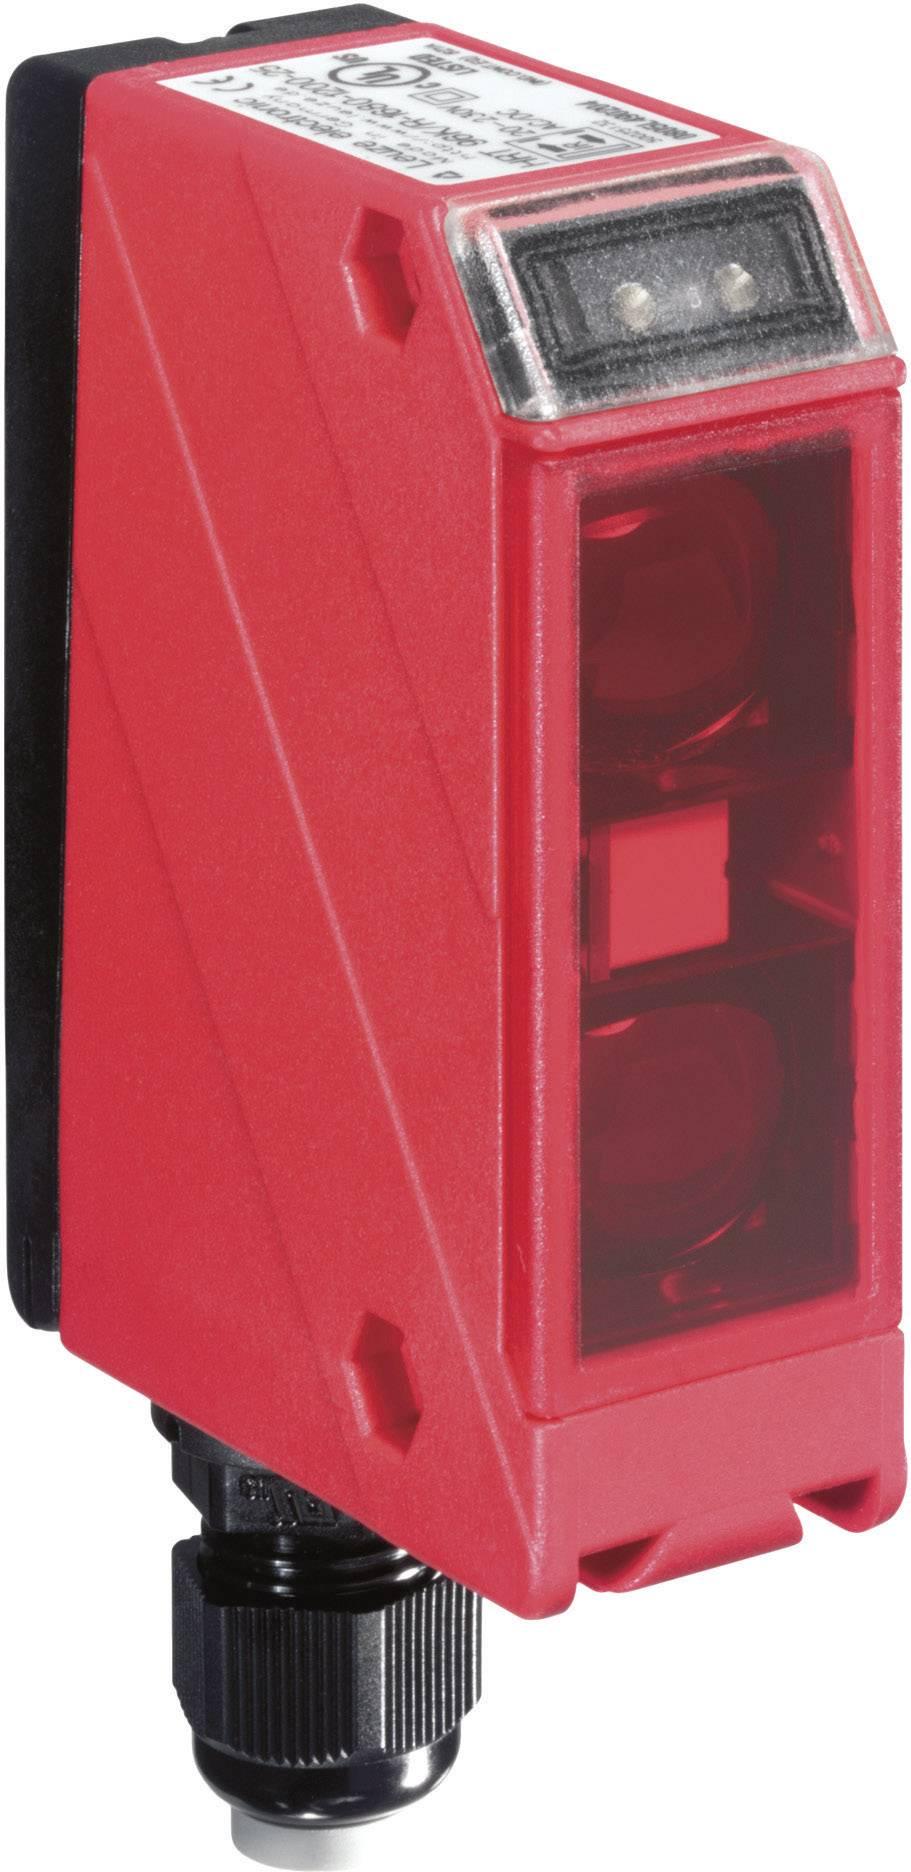 Jednocestná optická závora série 96 Leuze Electronic LSS 96 K-1350-26, vysielač, dosah 65m